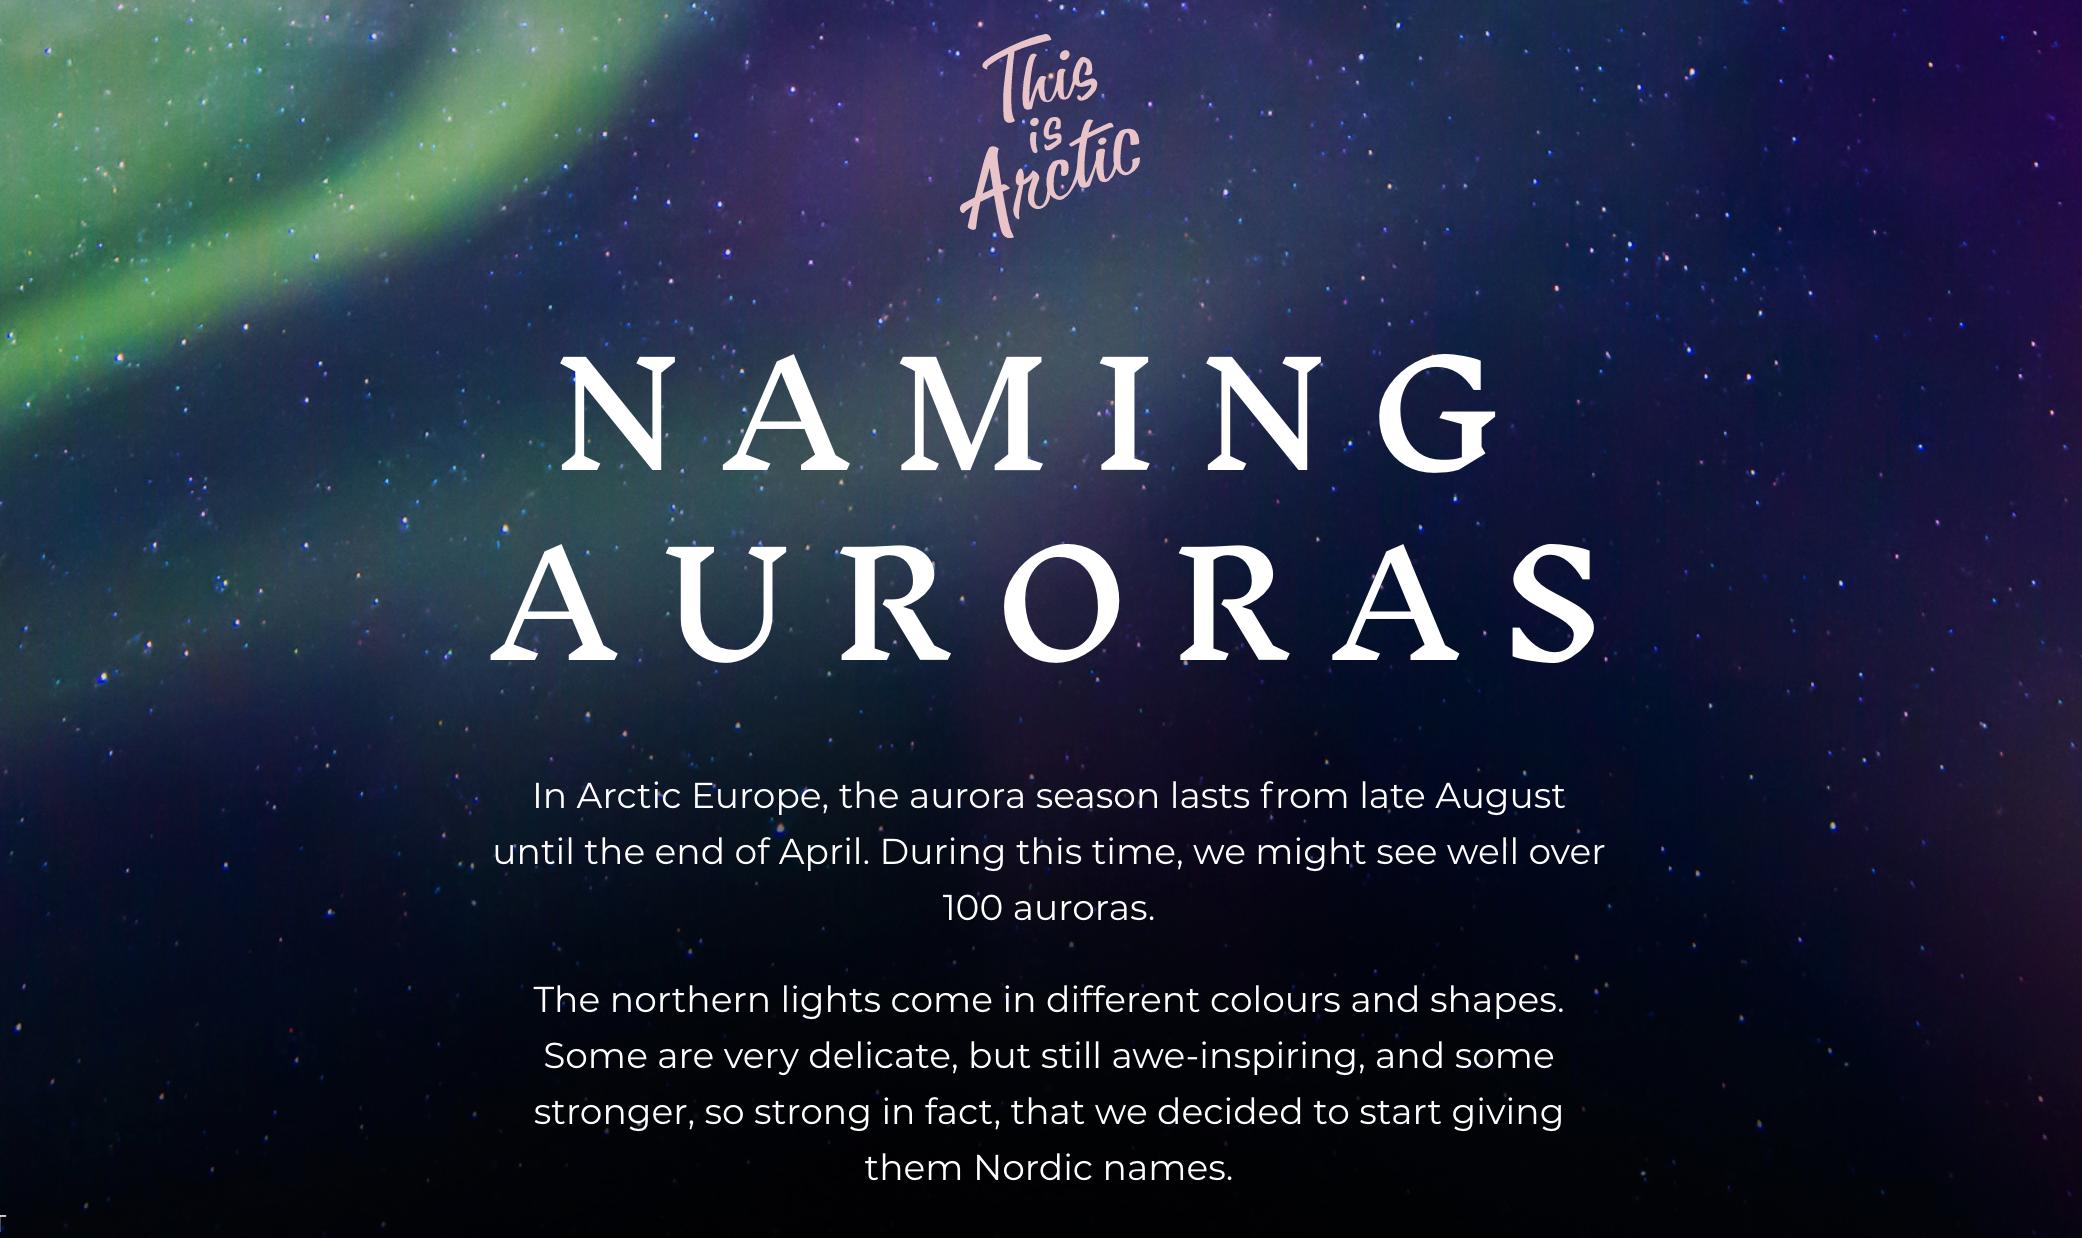 """""""欧洲北极之旅""""(Visit Arctic Europe)旅游组织发起了一项""""为极光命名(Naming Auroras)""""的线上活动。 Visit Arctic Europe 官网 图"""